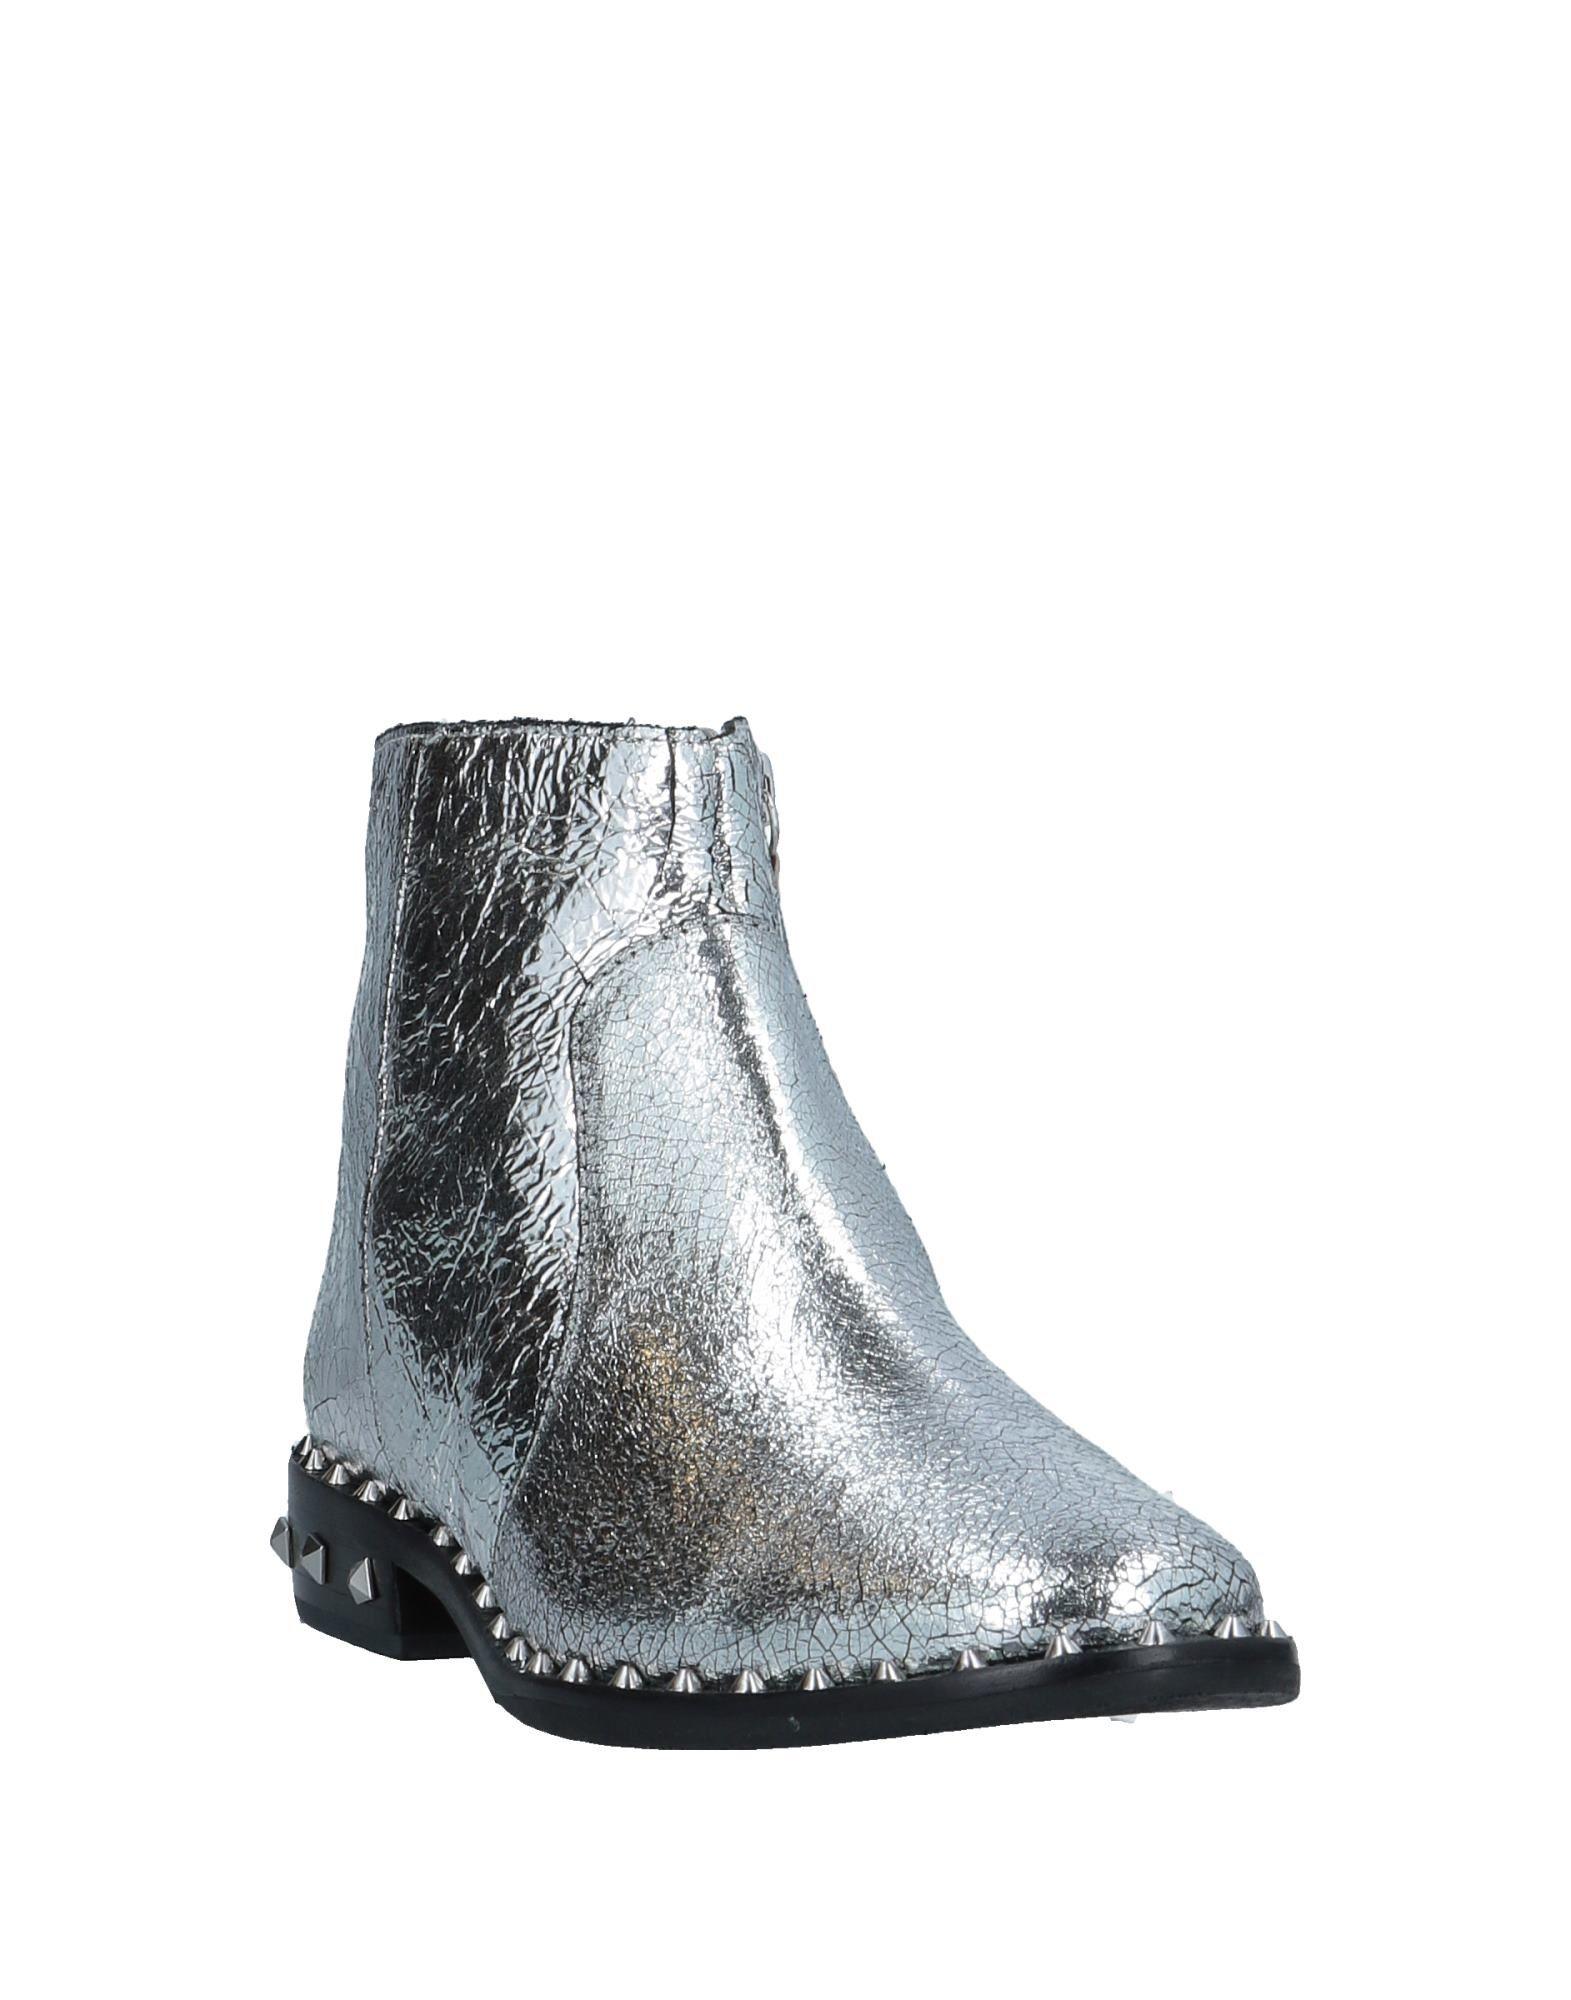 Stilvolle billige Stiefelette Schuhe Schutz Stiefelette billige Damen  11533288WX f2bd92